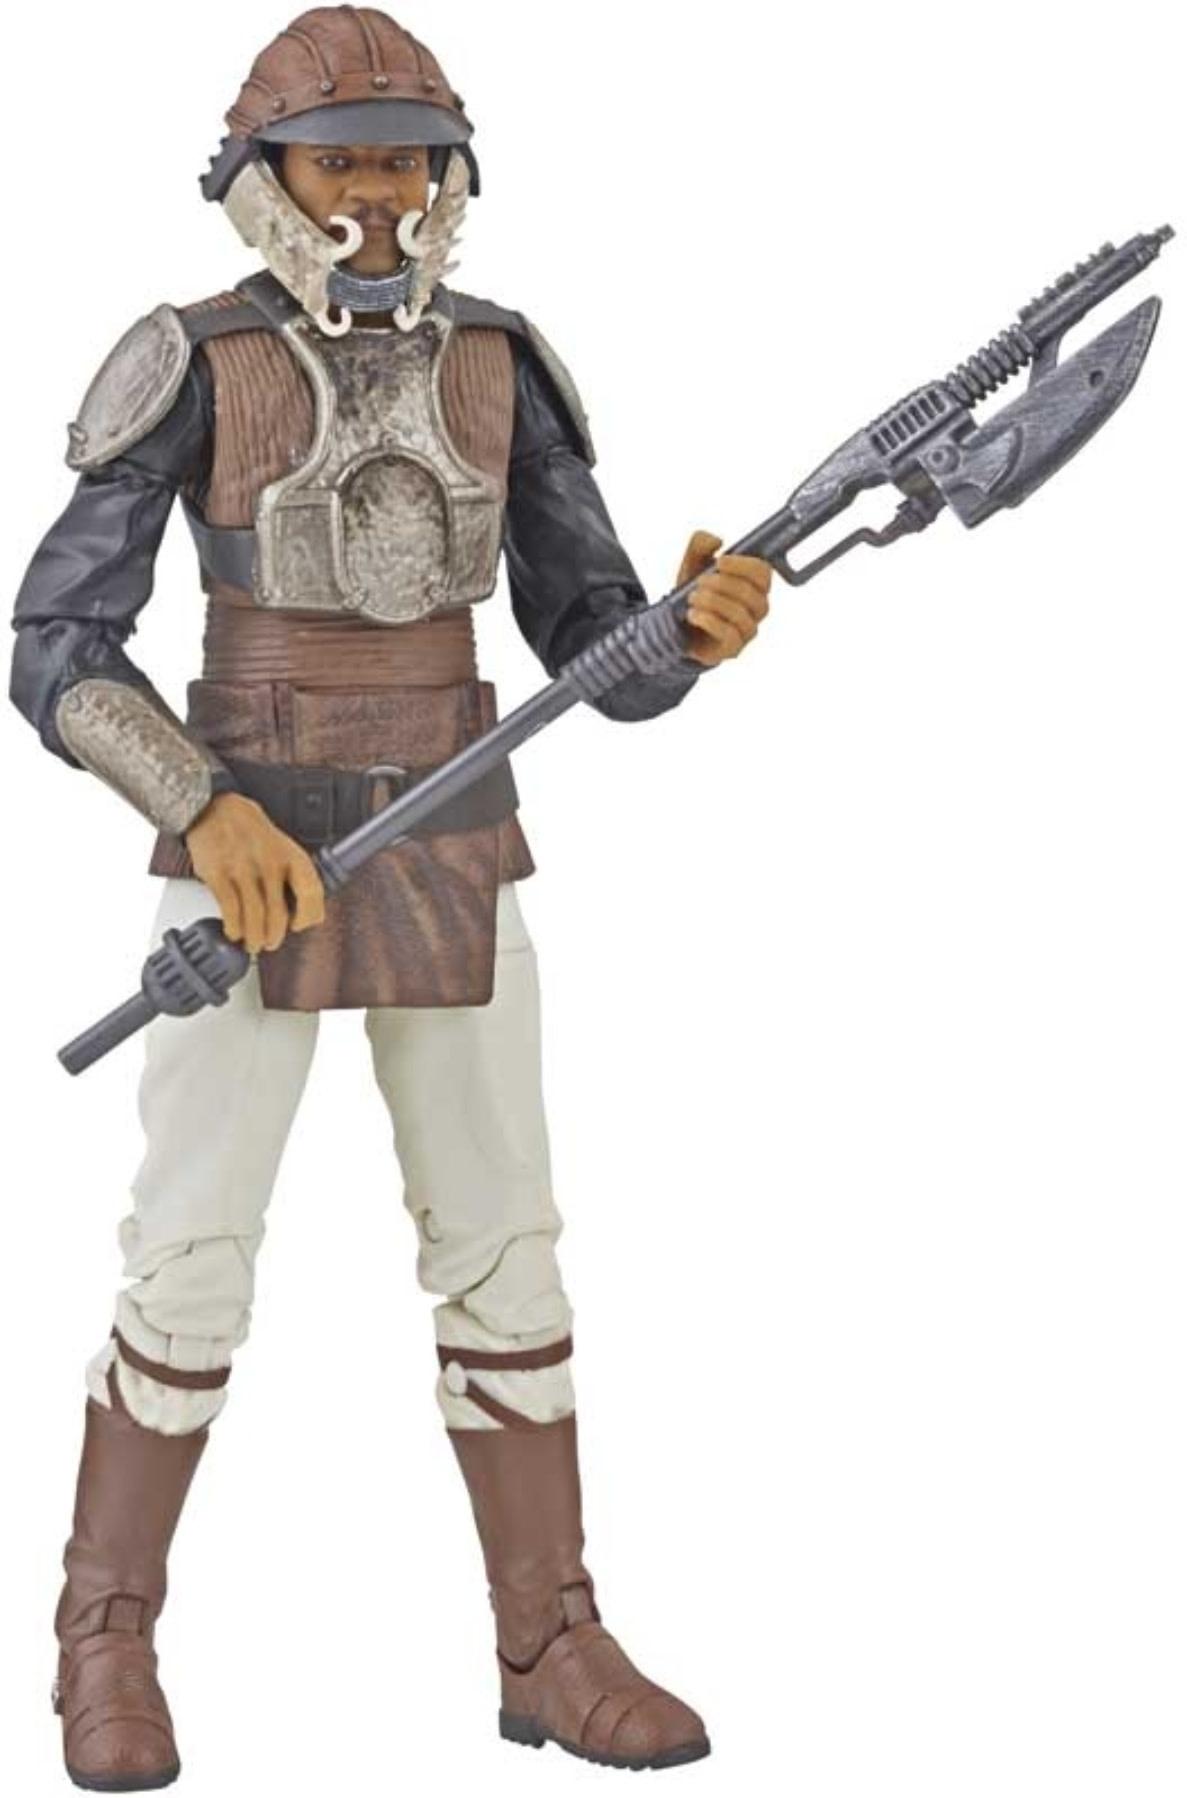 HASBRO Star Wars E6 Lando  Calrissian Skiff Guard